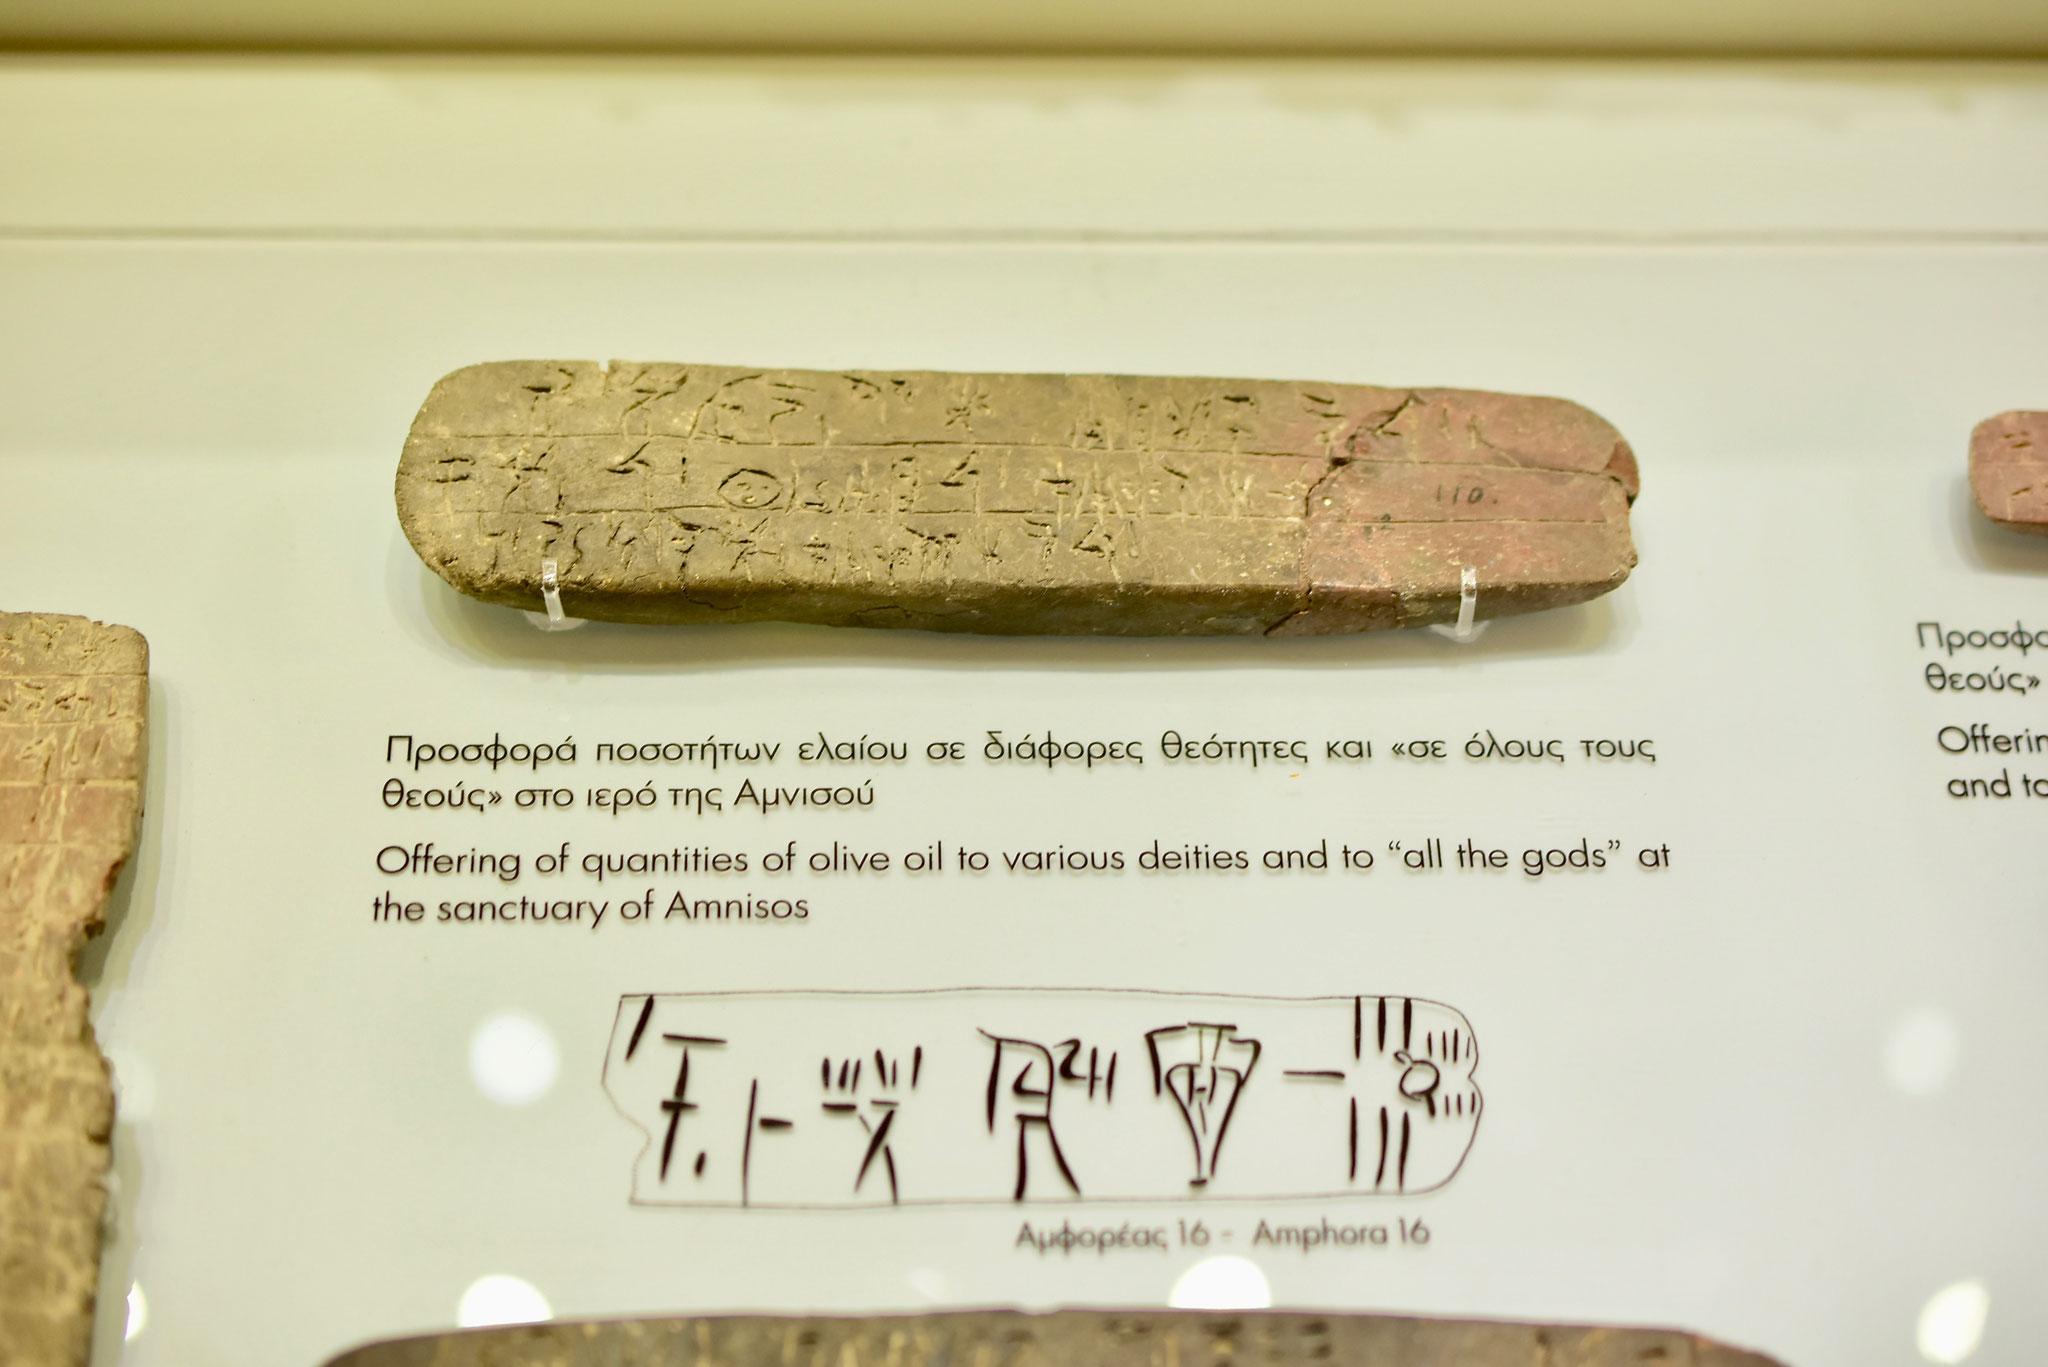 オリーブオイル収穫量を示す粘土板に刻まれた「線文字B」は、都市経済の確立なしには、文明が誕生しないことを示す。線文字Bはクレタ島で紀元前1550年から紀元前1200年頃まで使用された「表意文字」と呼ばれる記号からなり、王宮の財務的帳簿として使用。やがてギリシア全土に広がり、古代ギリシア社会全体へ文字文化の原型となった。(イラクリオン古代博物館貯蔵物)